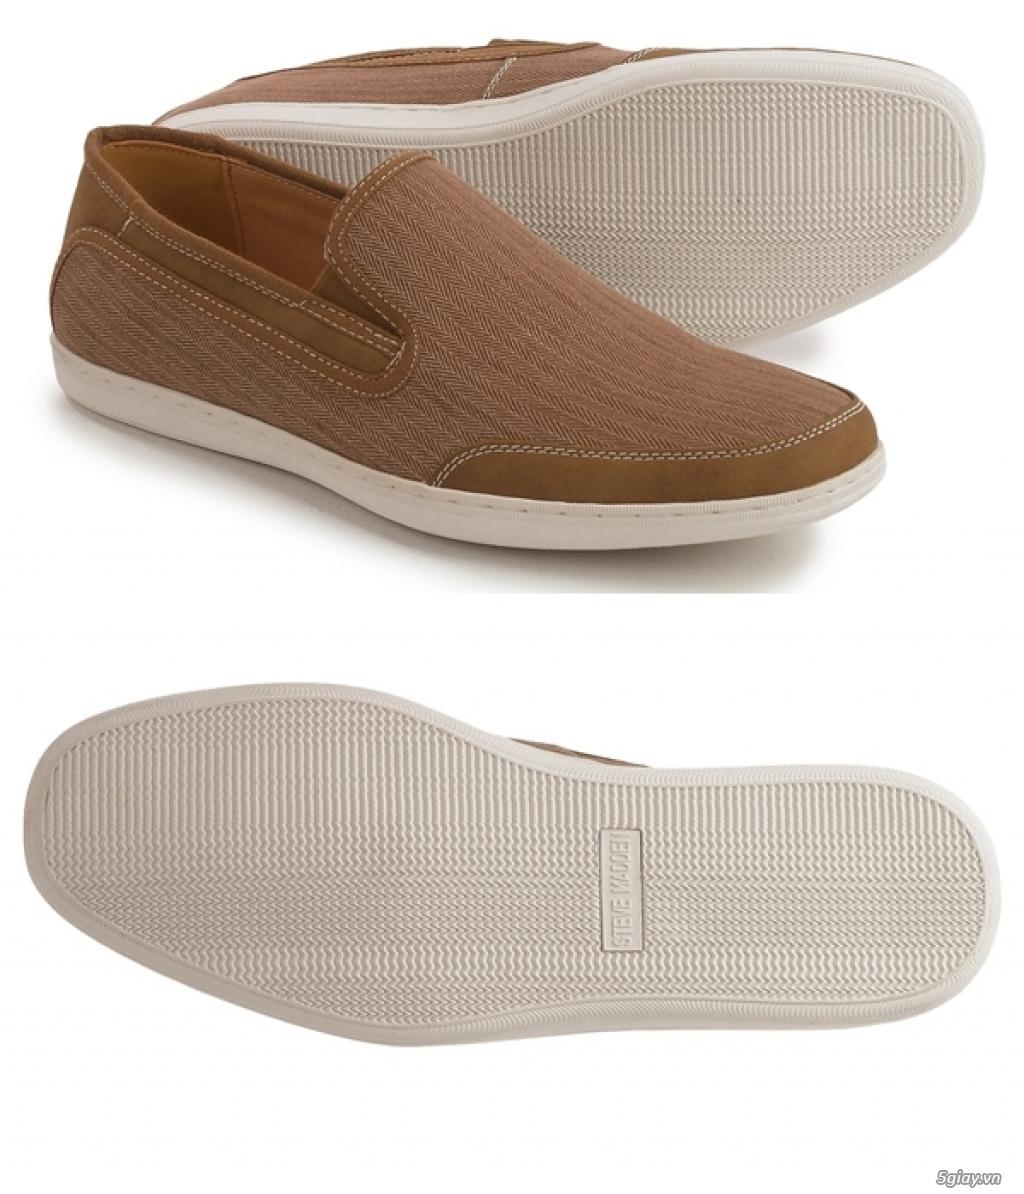 Giày dép hàng hiệu - xách tay 100% từ mỹ - 1